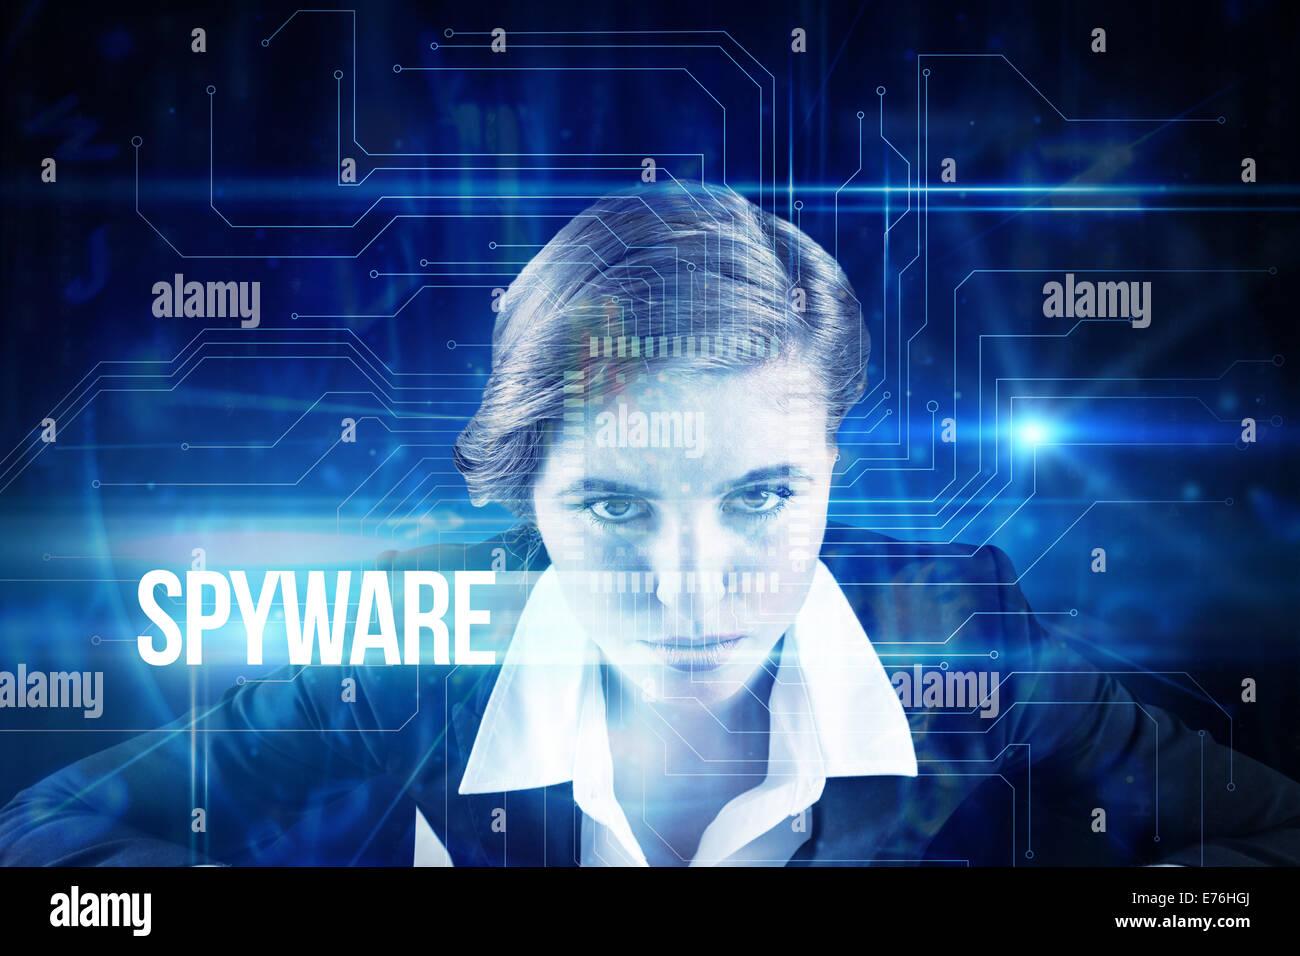 Spyware contra azul con placa de circuitos de interfaz de tecnología Imagen De Stock